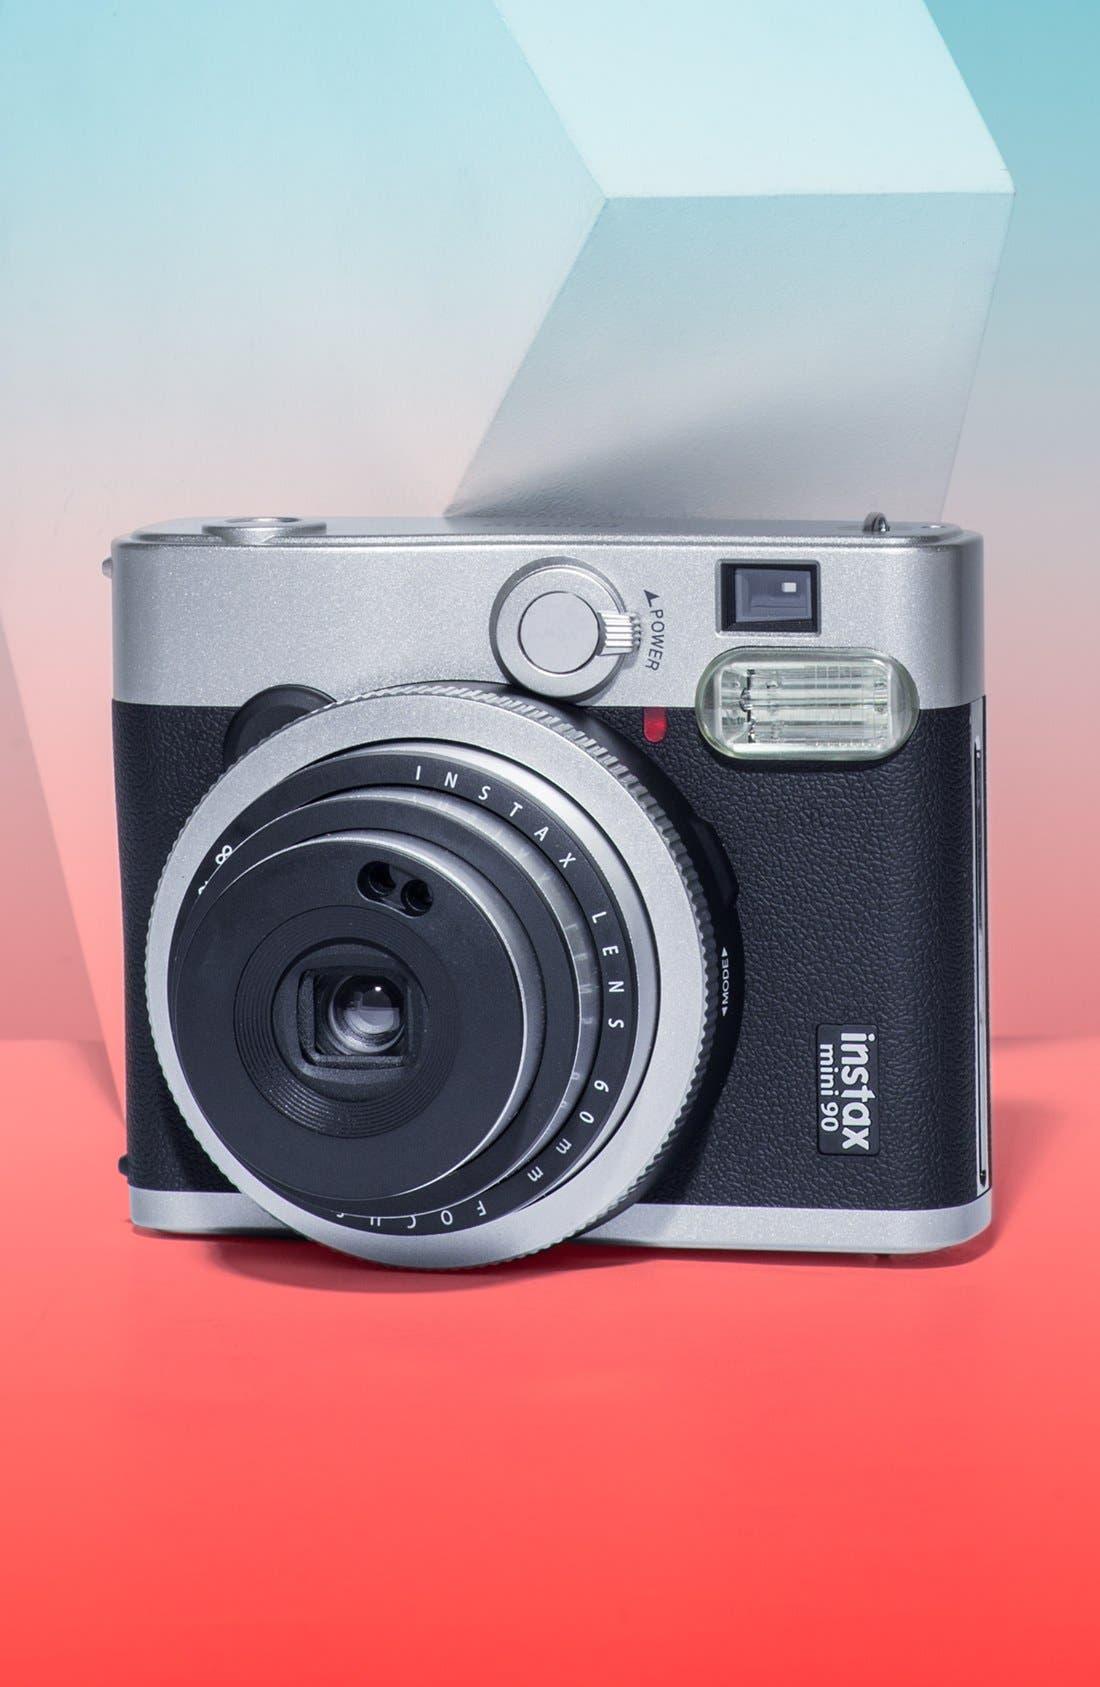 Main Image - Fujifilm 'instax mini 90 Neo Classic' Instant Film Camera